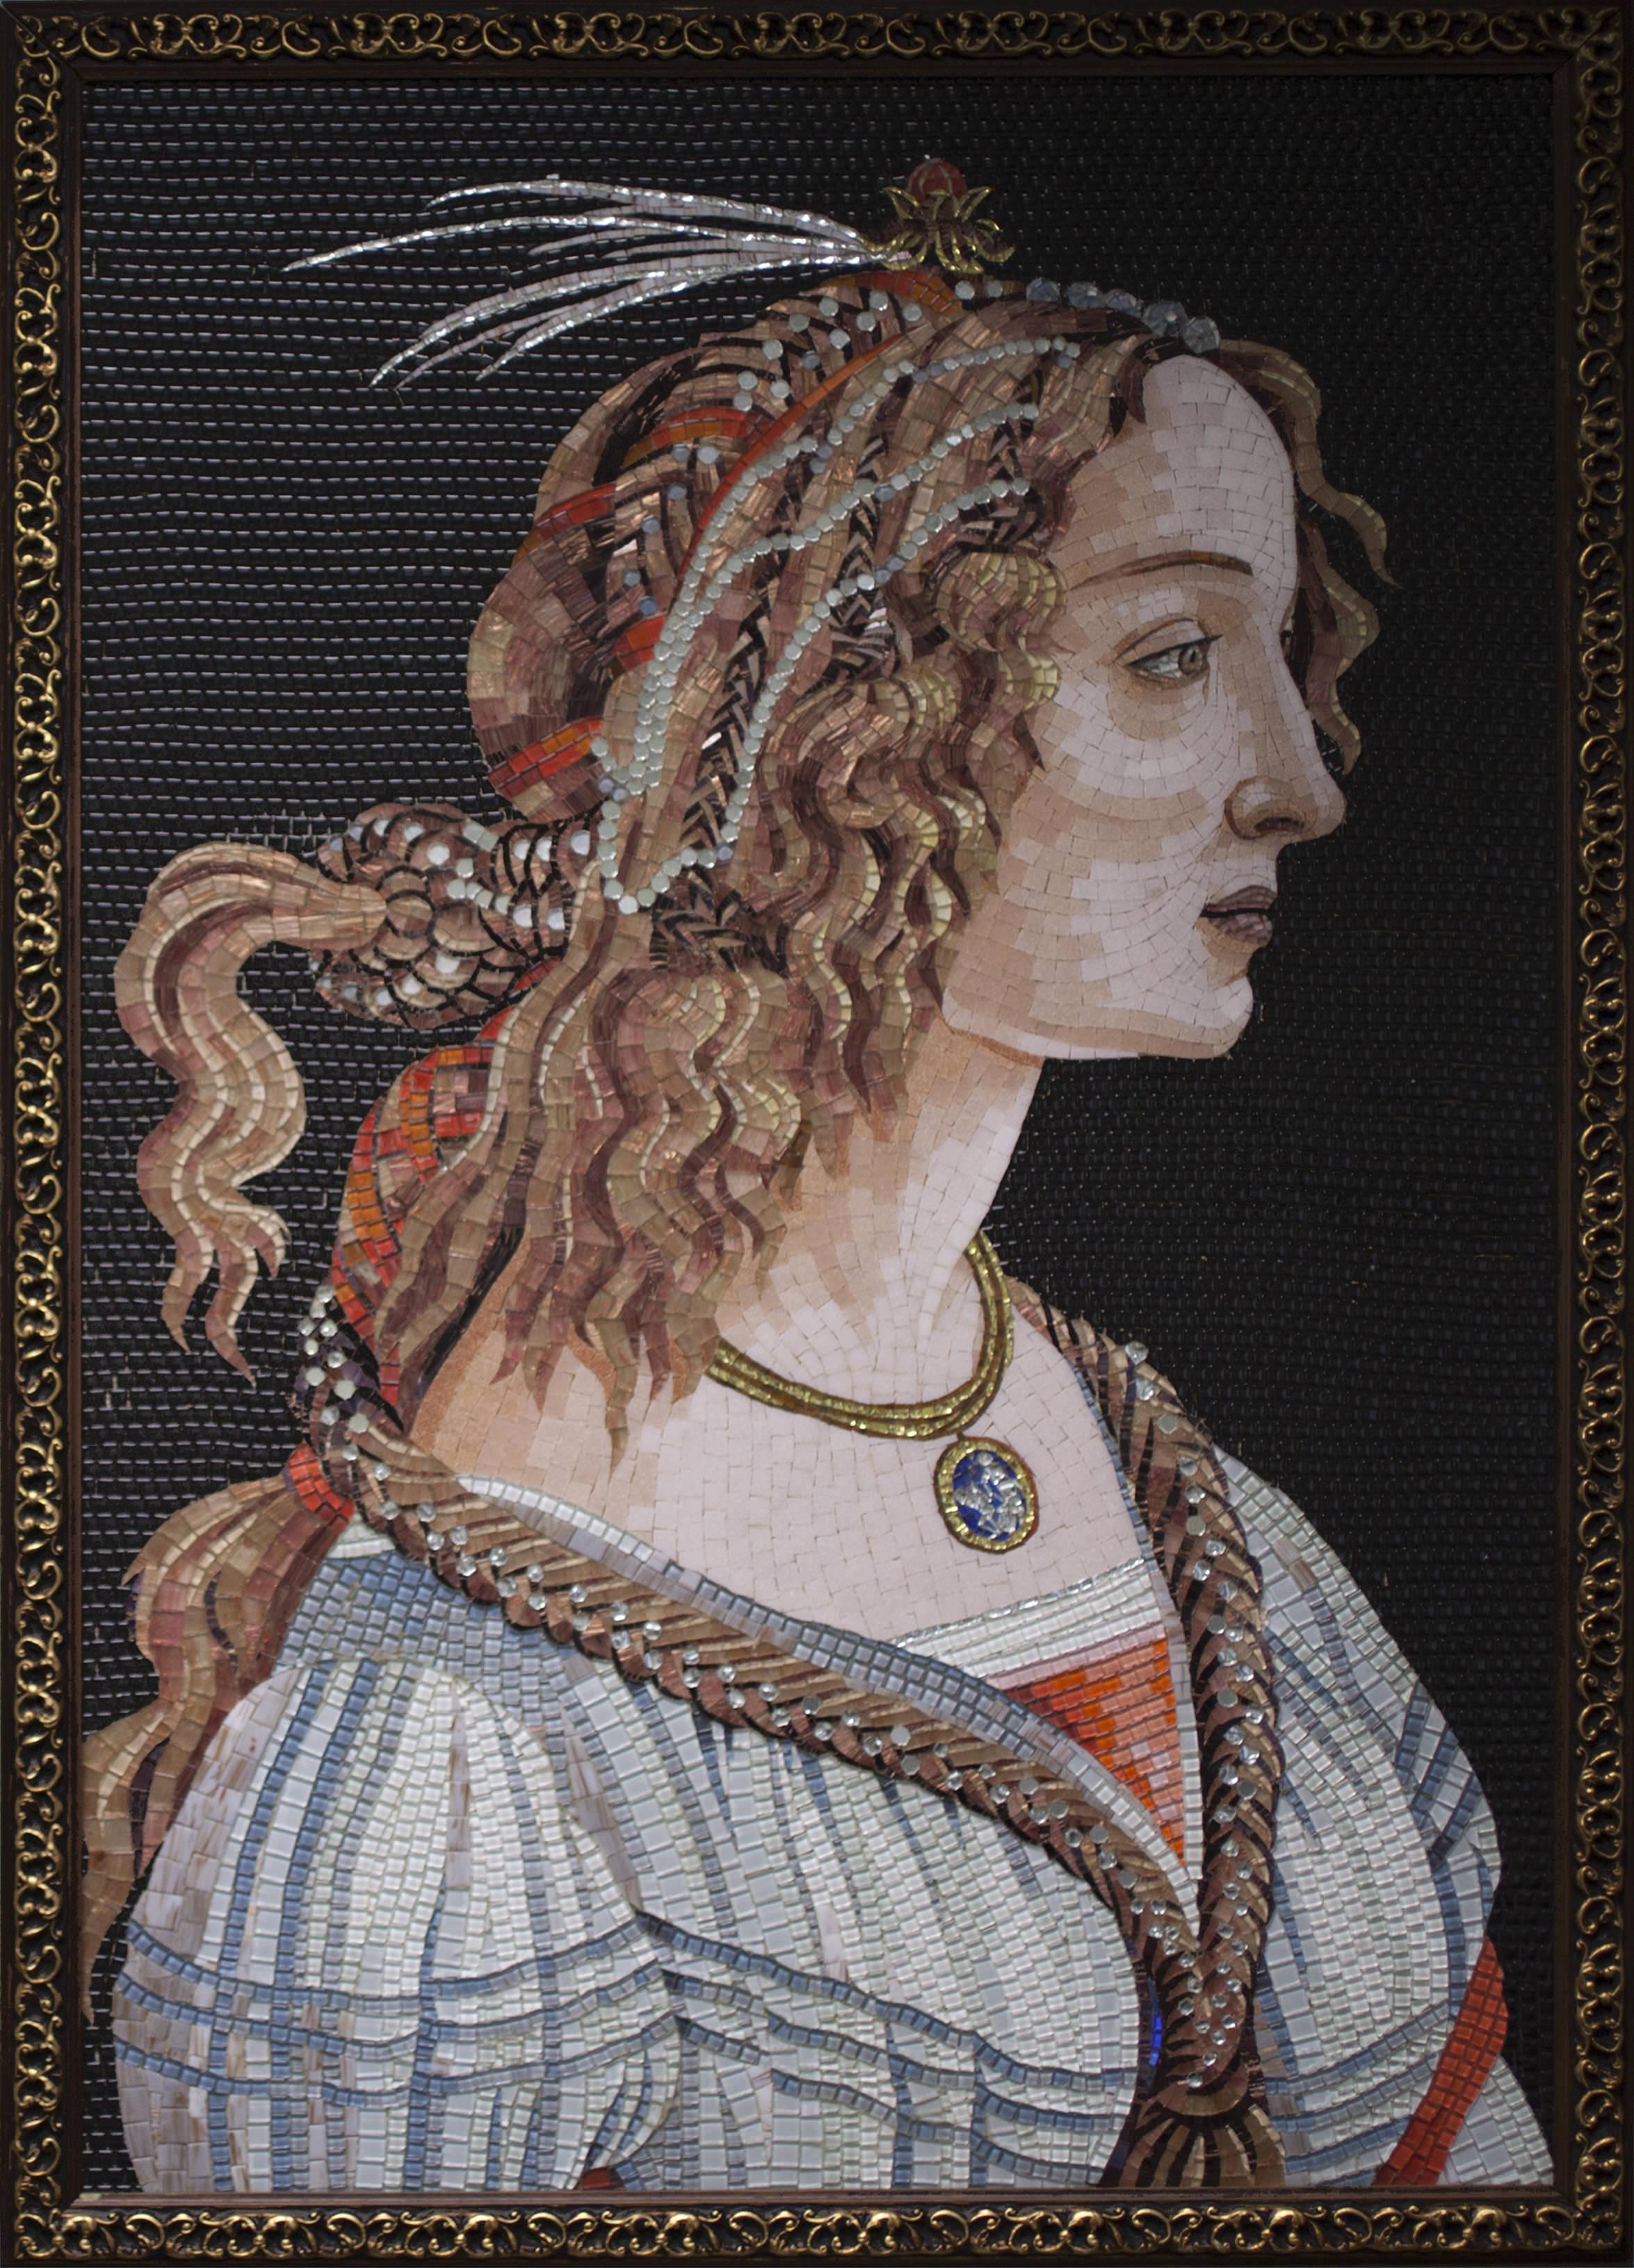 Boticelli, Idealized Portrait